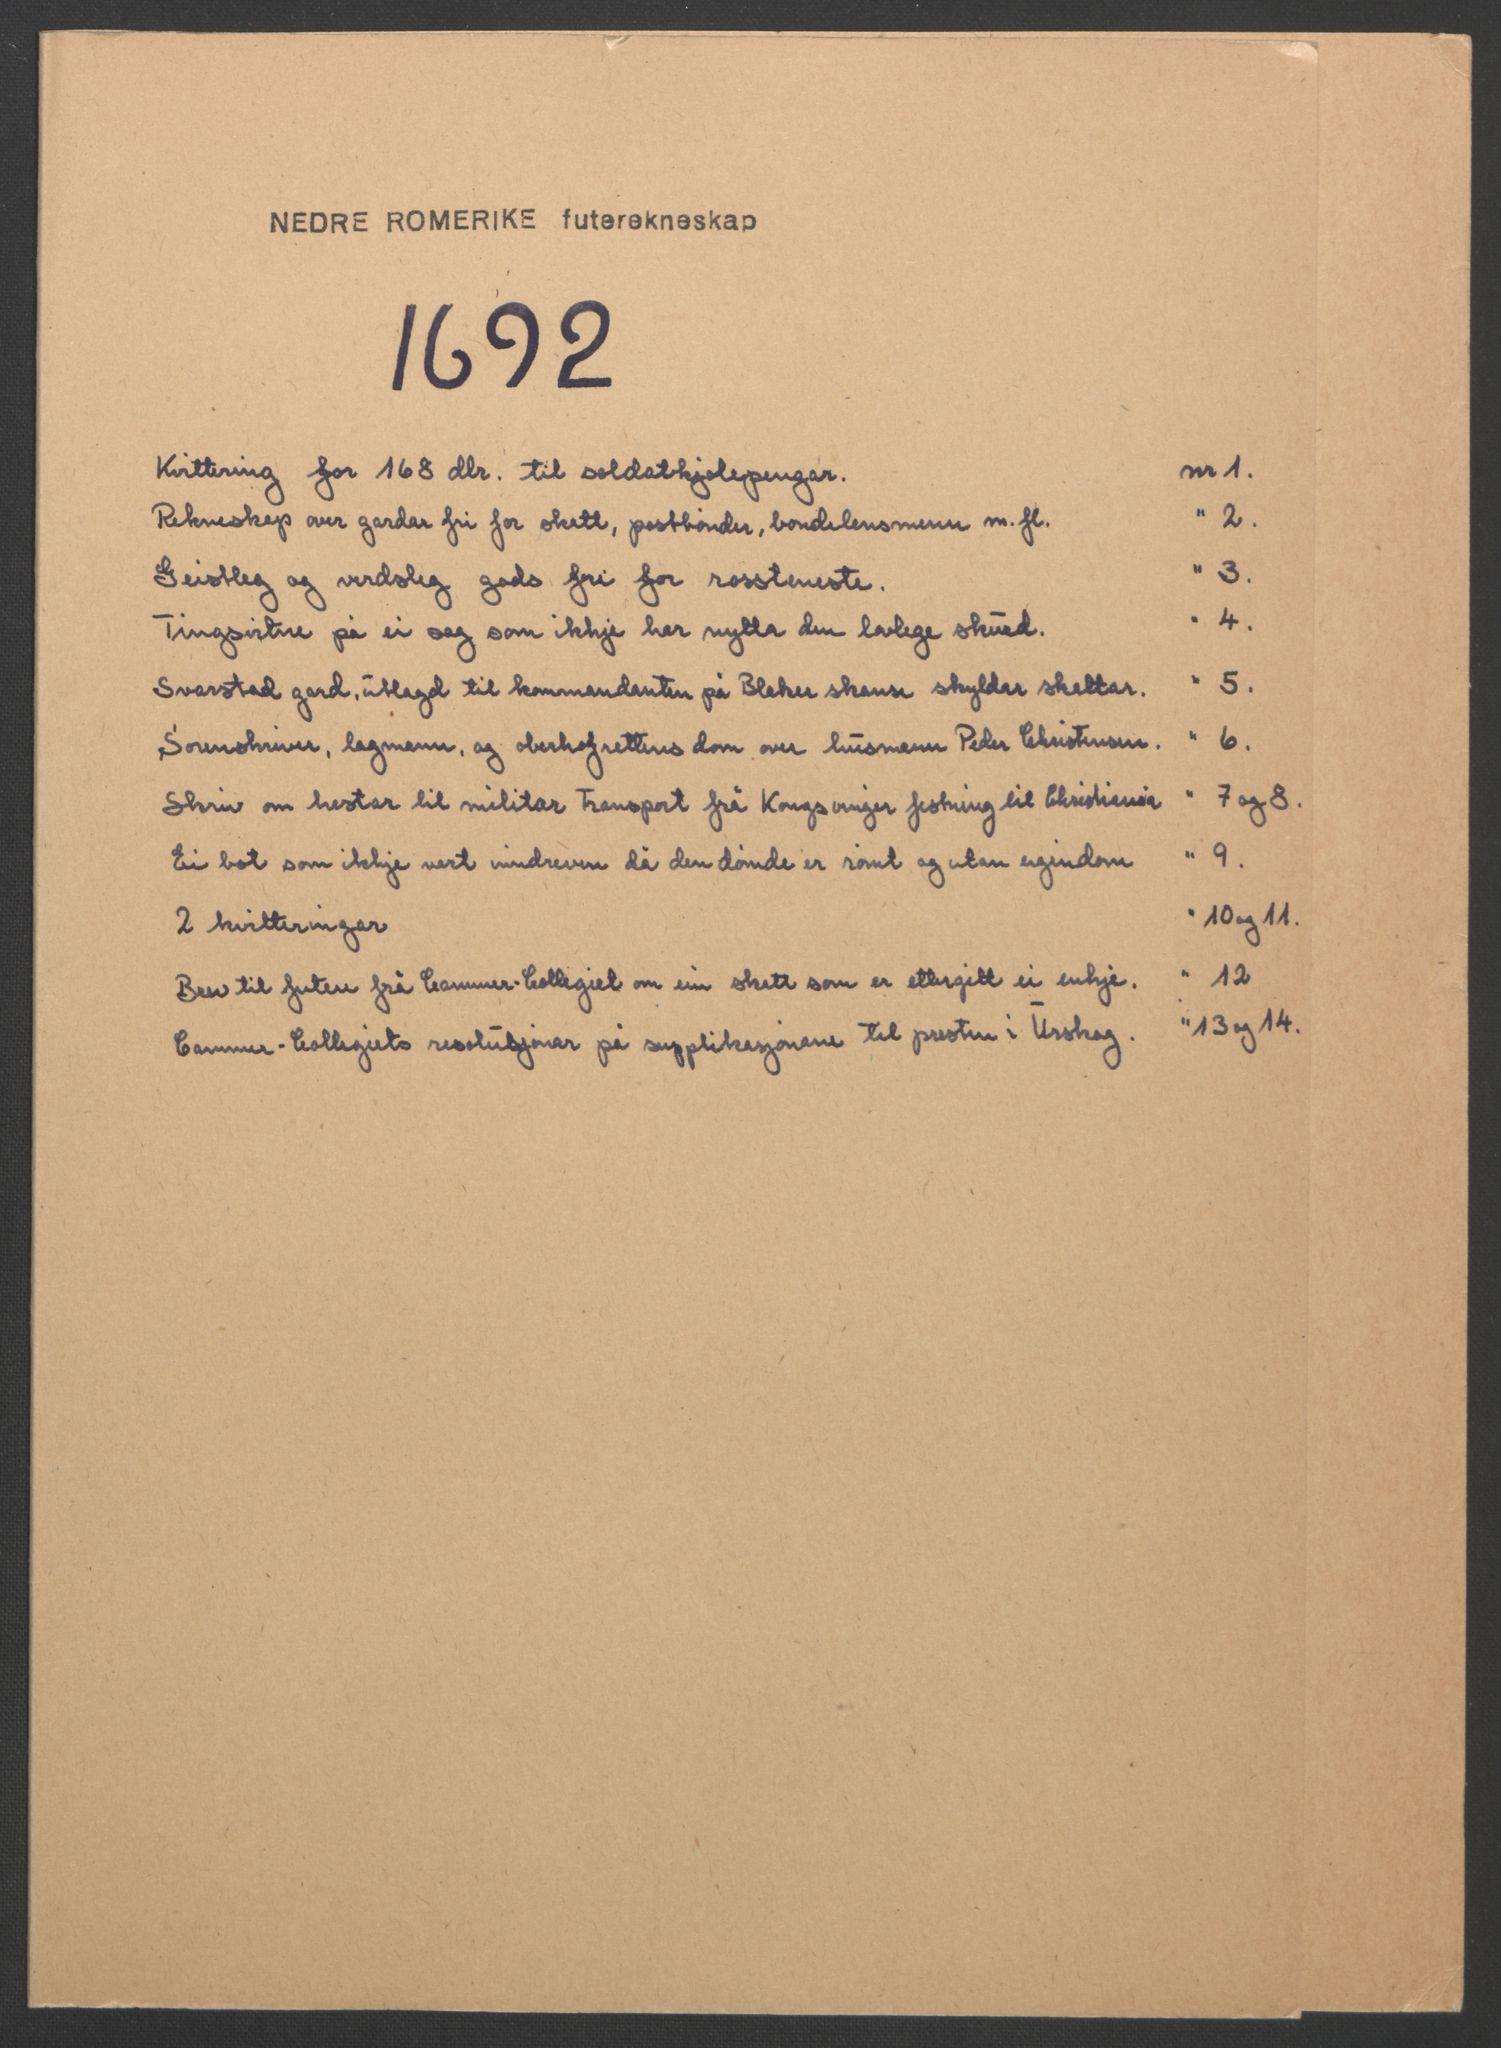 RA, Rentekammeret inntil 1814, Reviderte regnskaper, Fogderegnskap, R11/L0577: Fogderegnskap Nedre Romerike, 1692, s. 235